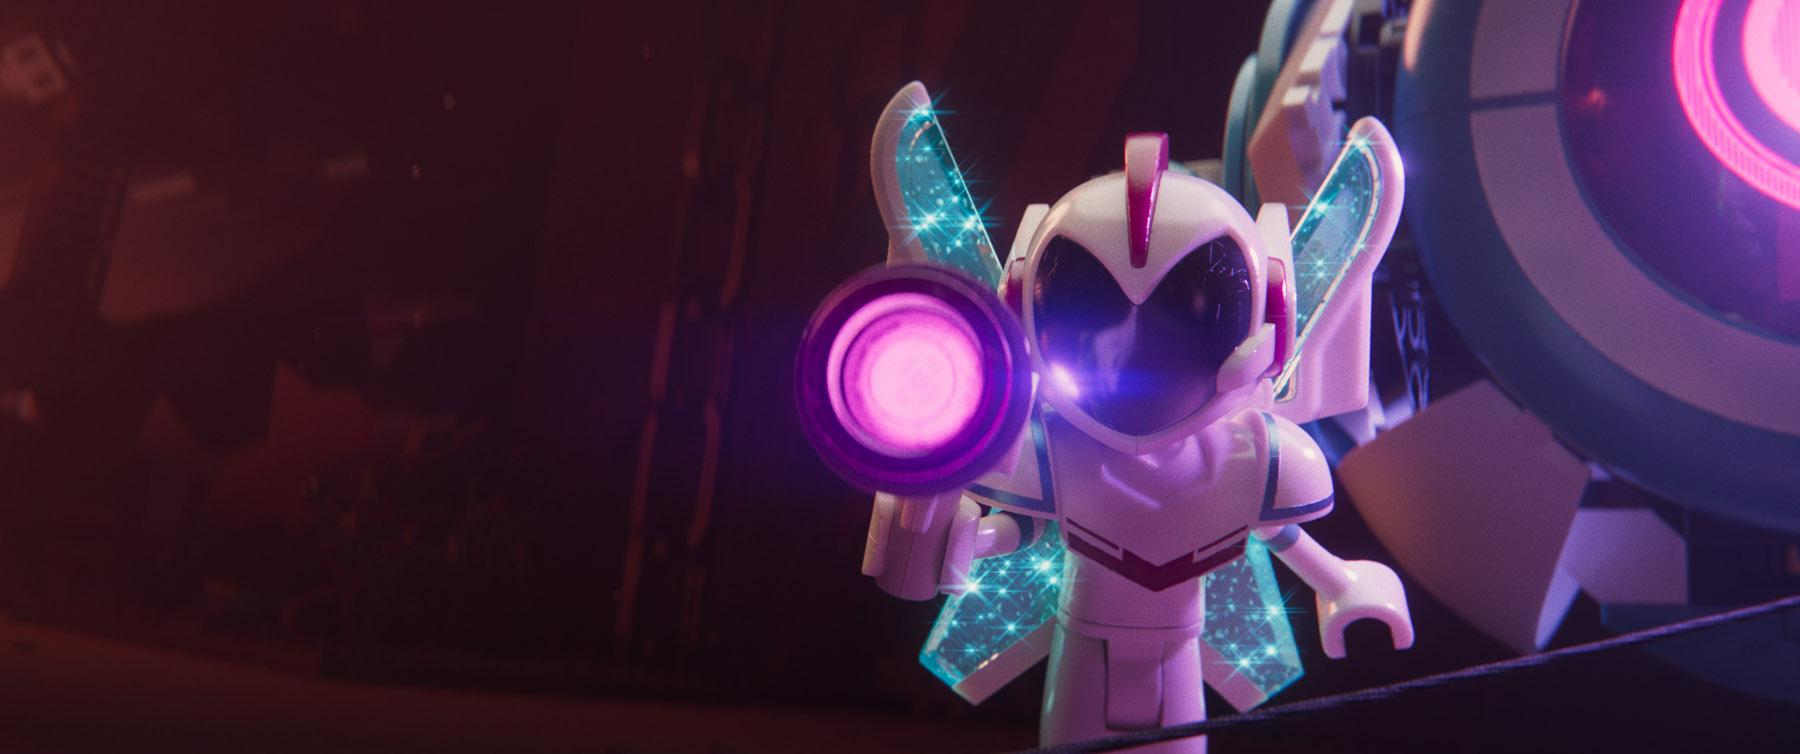 Фото из фильма Фильм - Lego Фильм 2